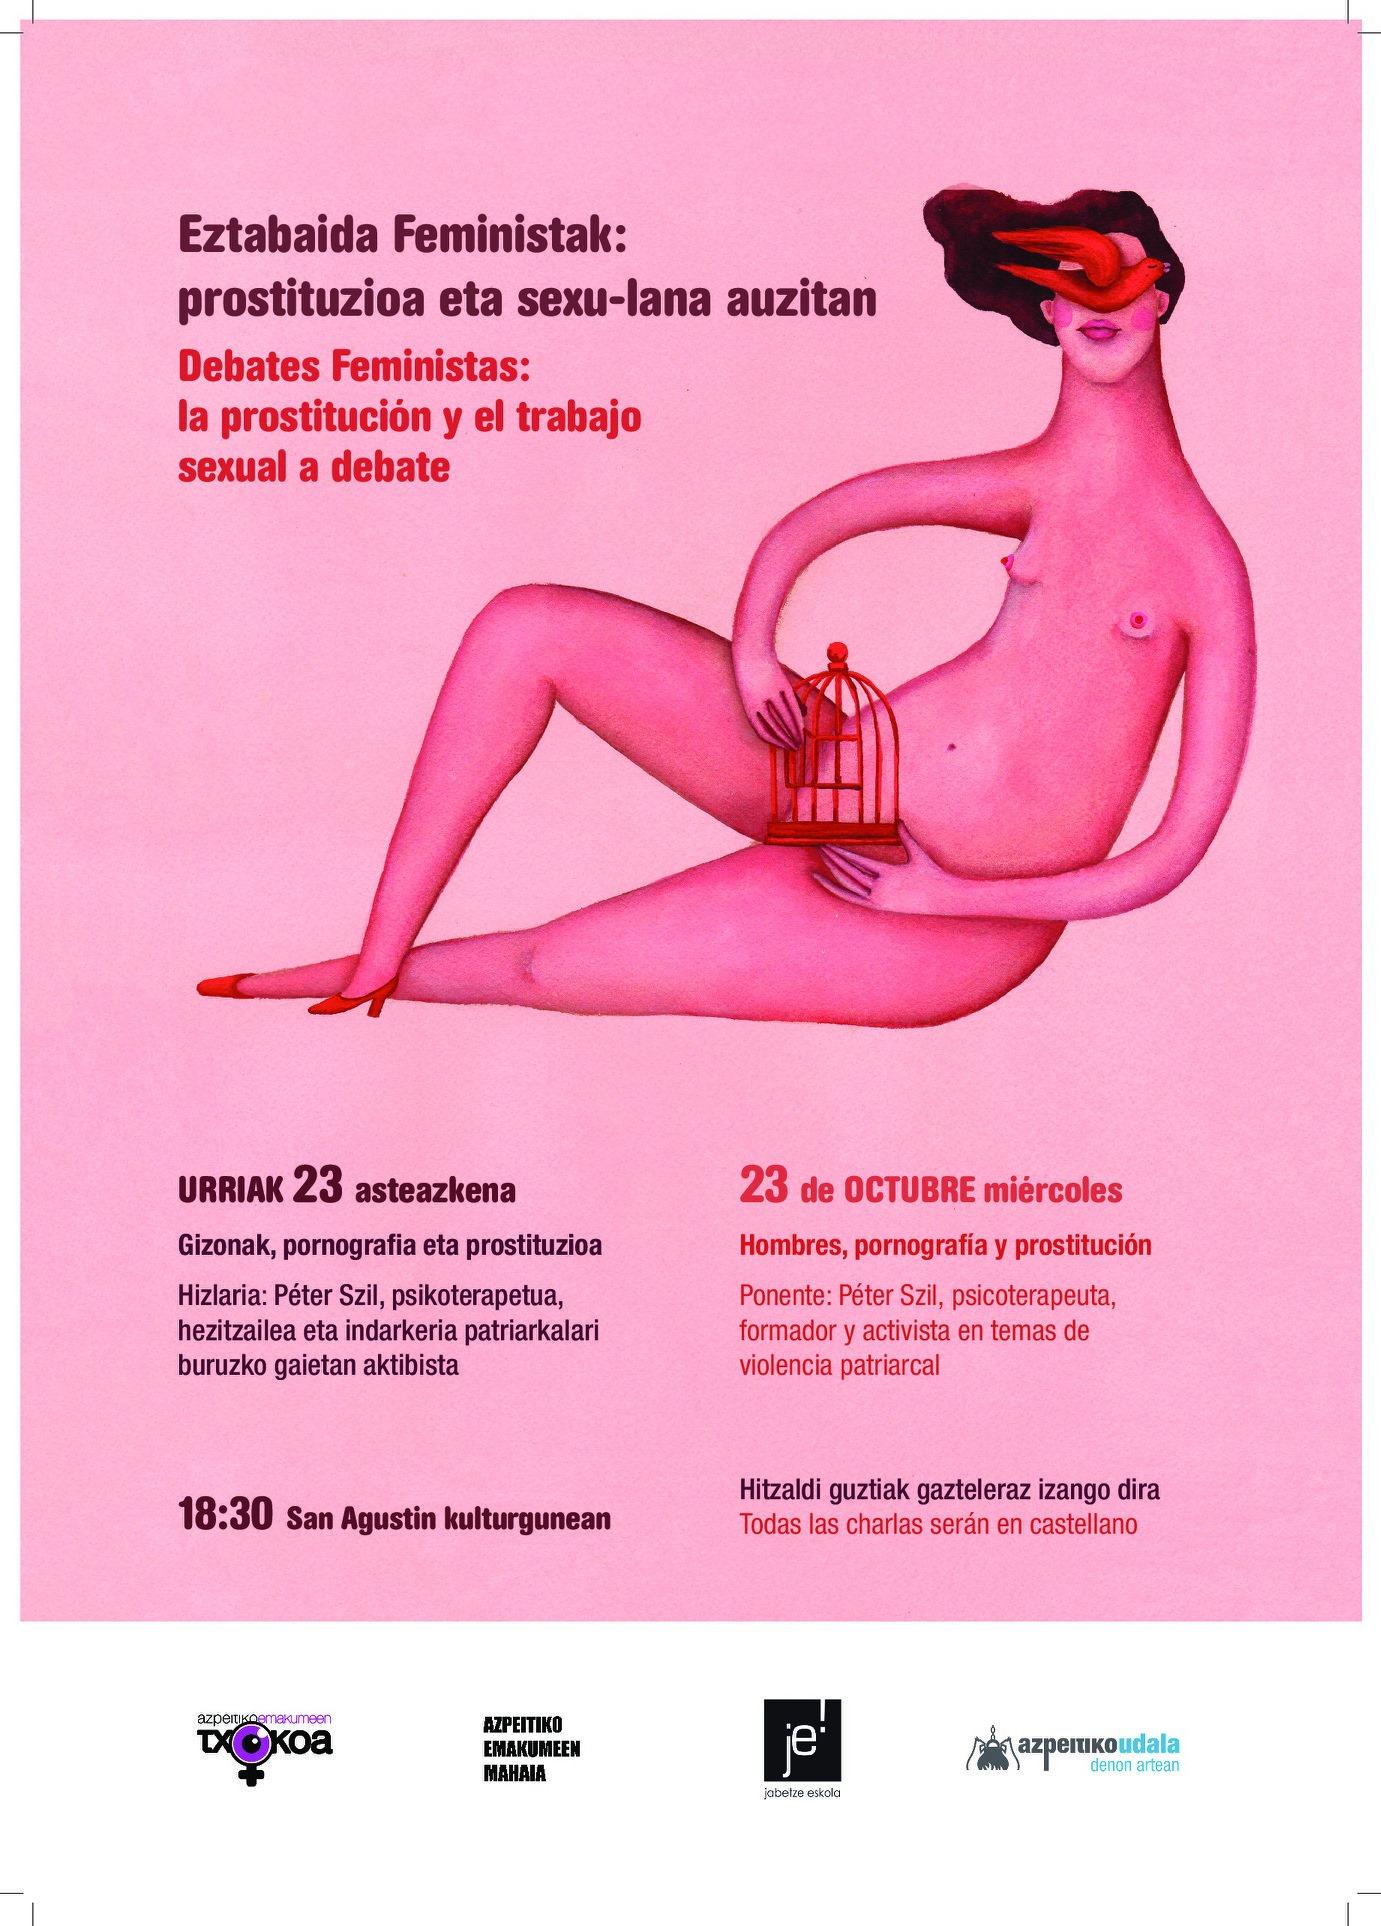 Hitzaldia: Gizonak, pornografia eta prostituzioa